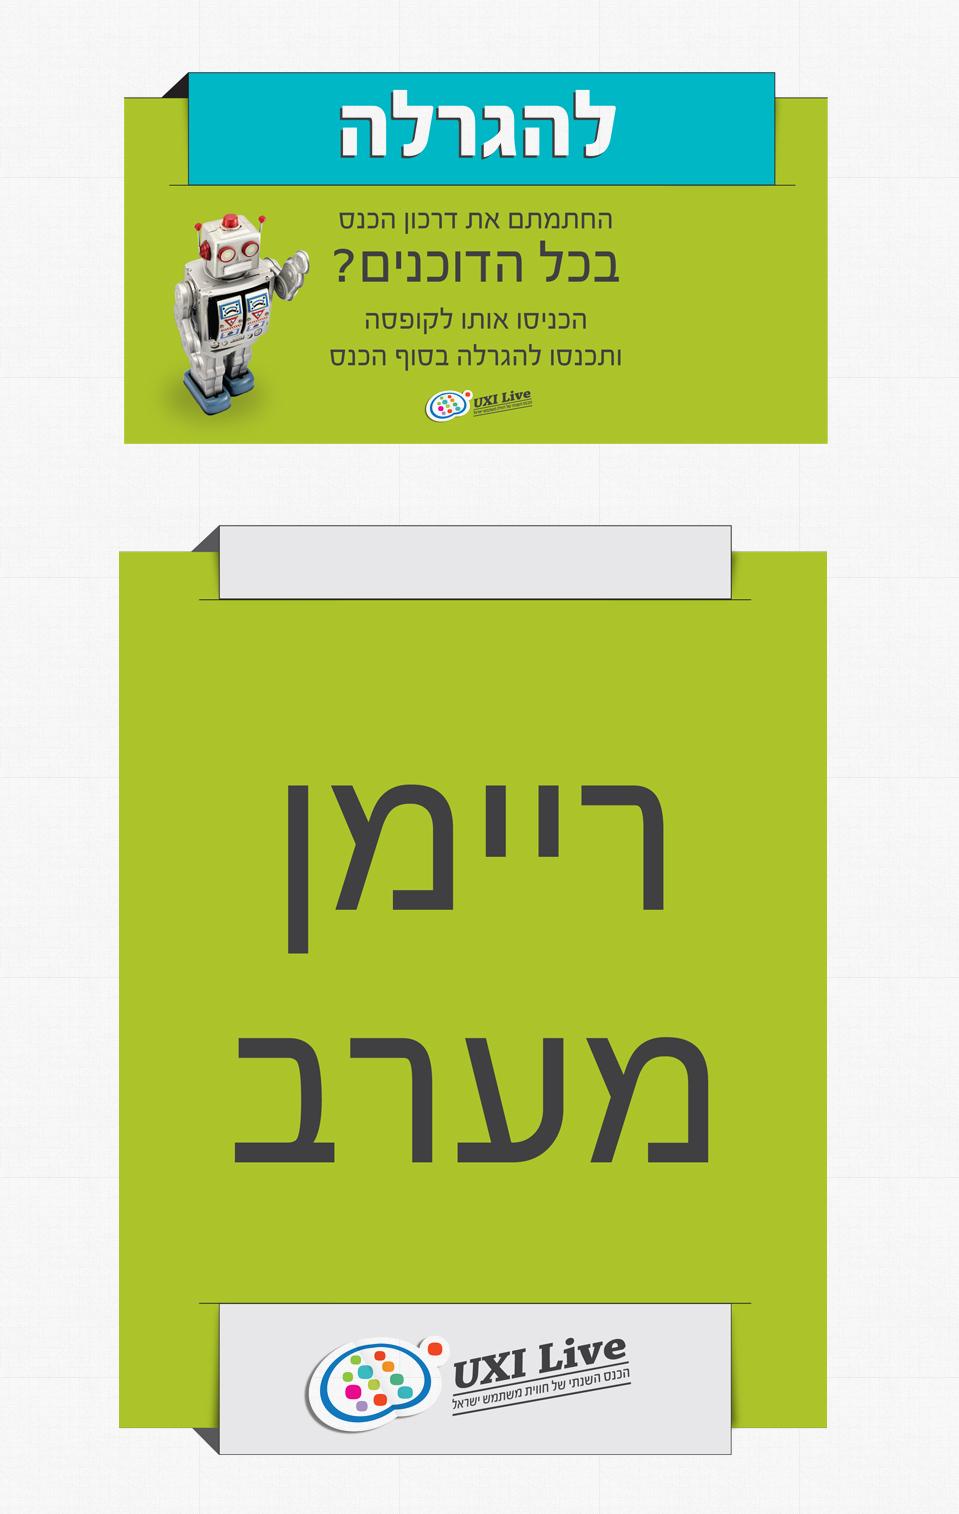 עיצוב שילוט לכנס uxi live 2012